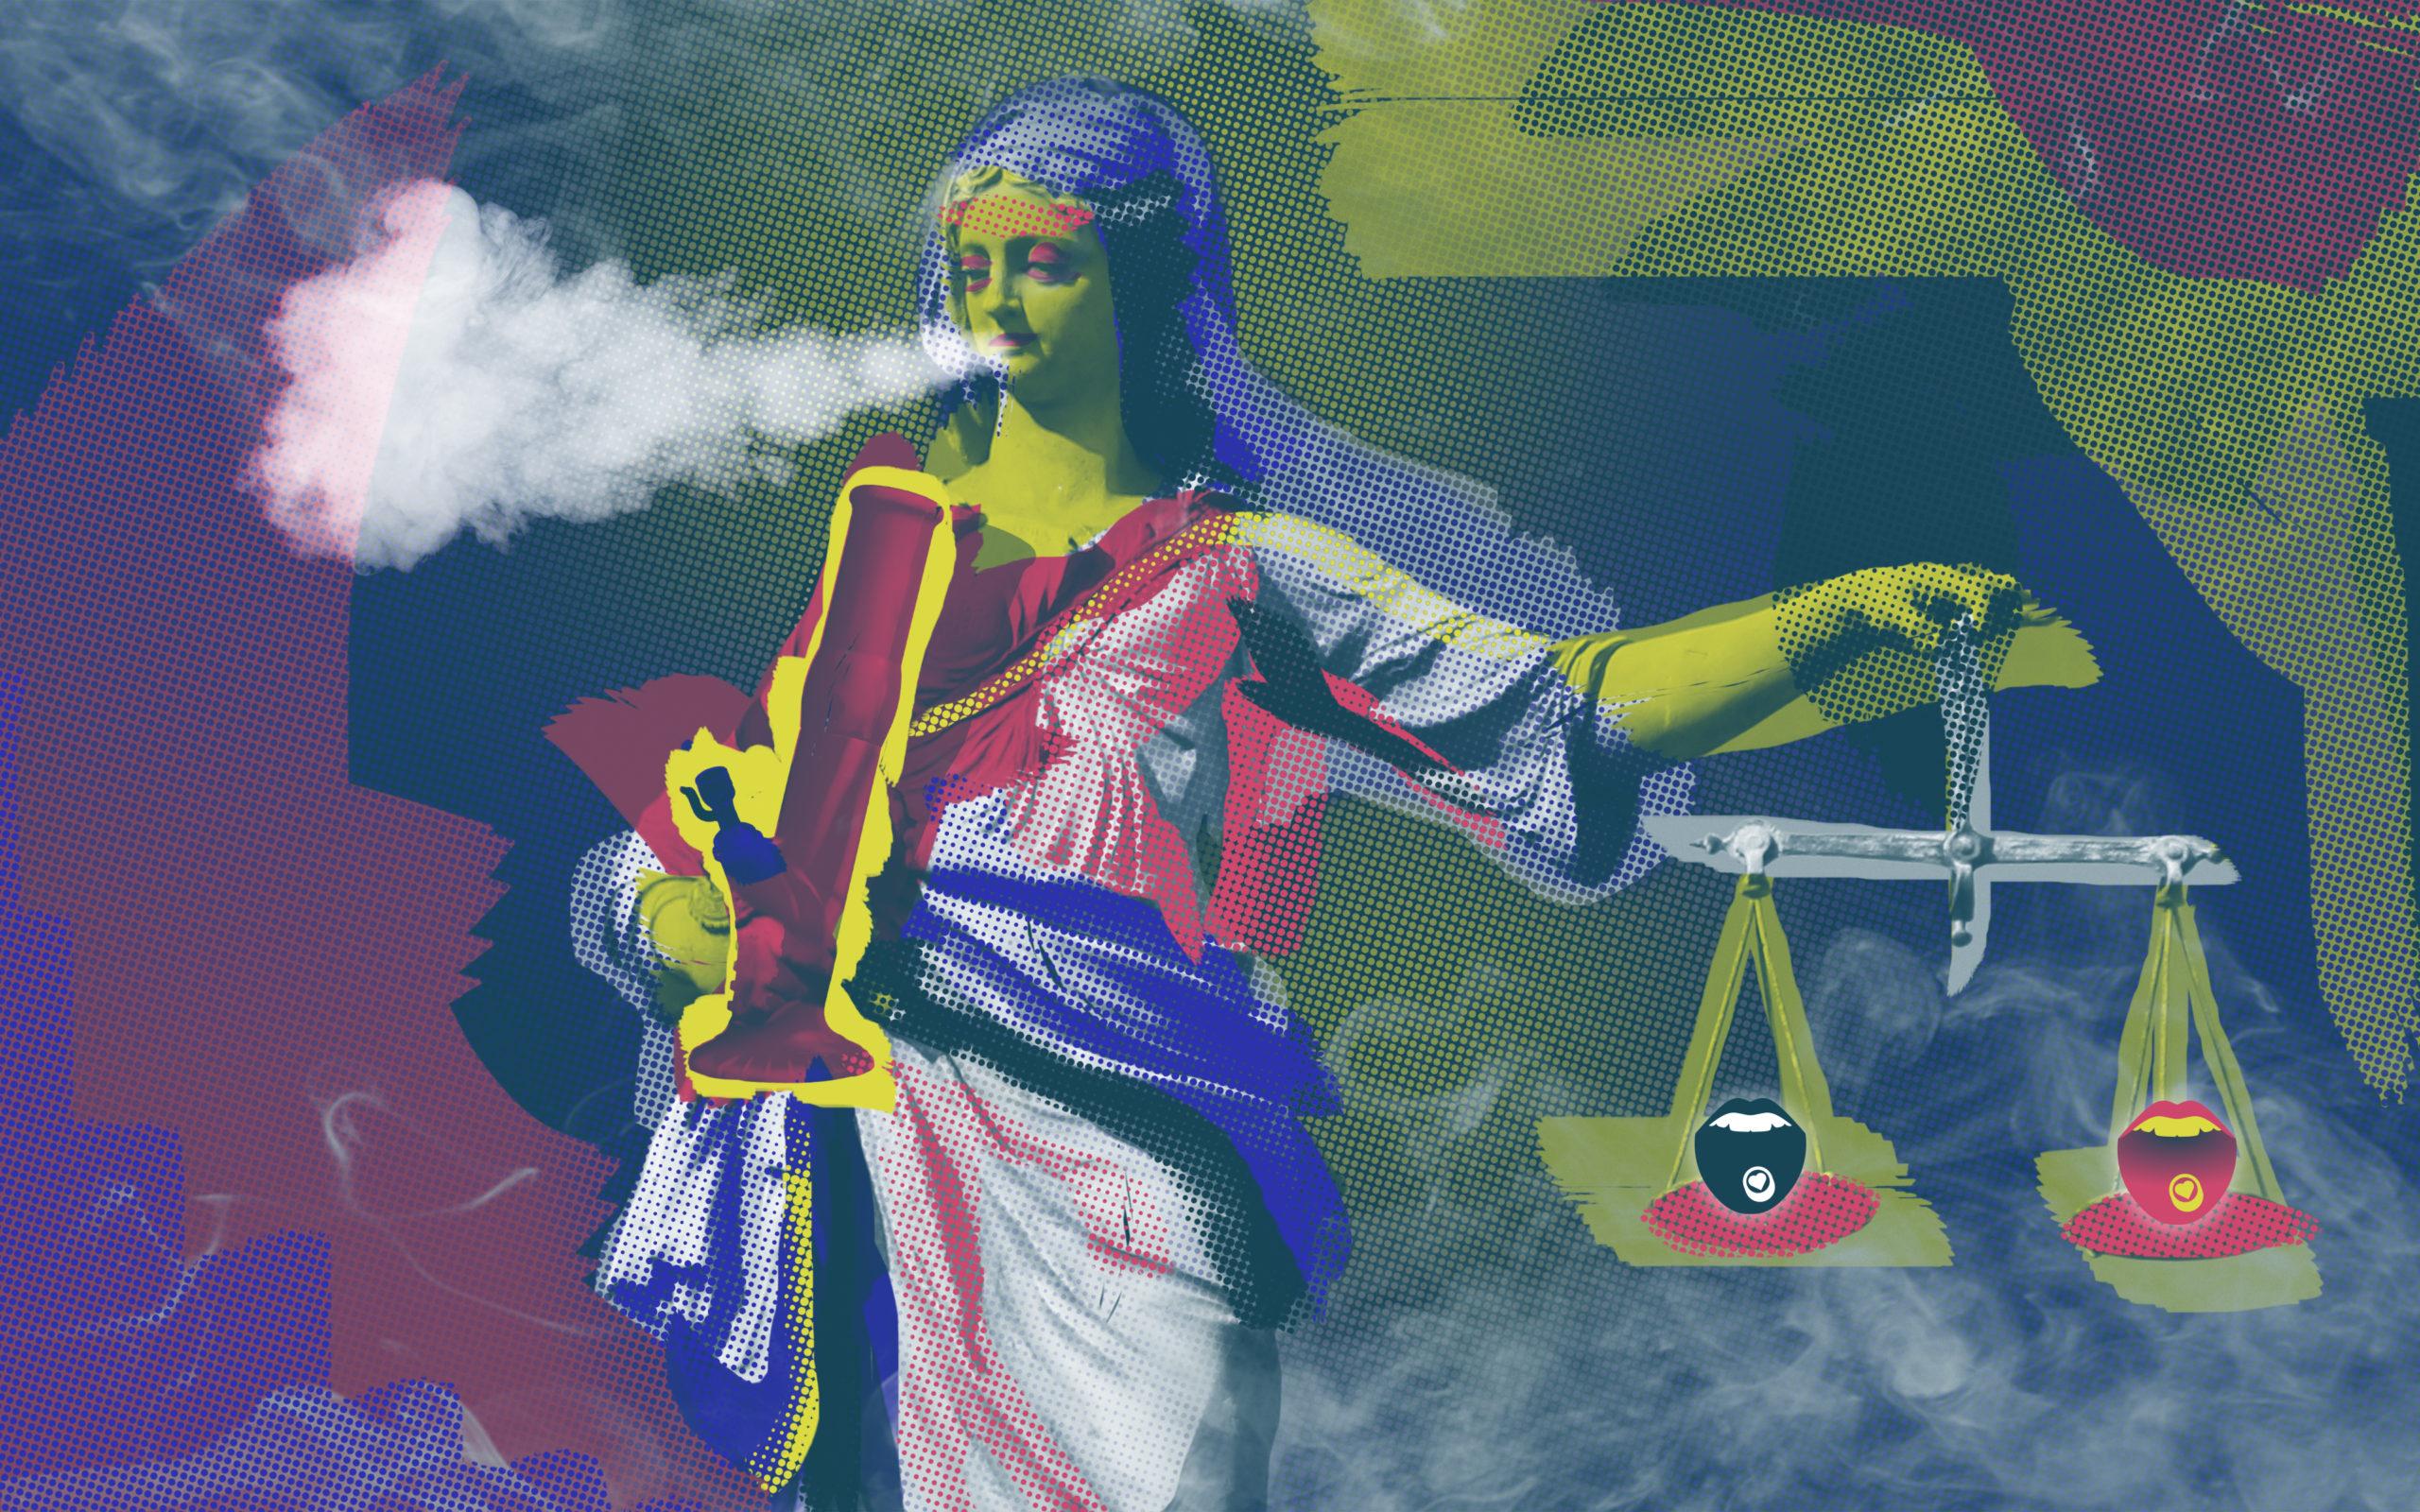 Legalna Marihuana Prowadzi do Mniejszej Liczby Przestępstw Niż Oczekiwano, haszysz.info